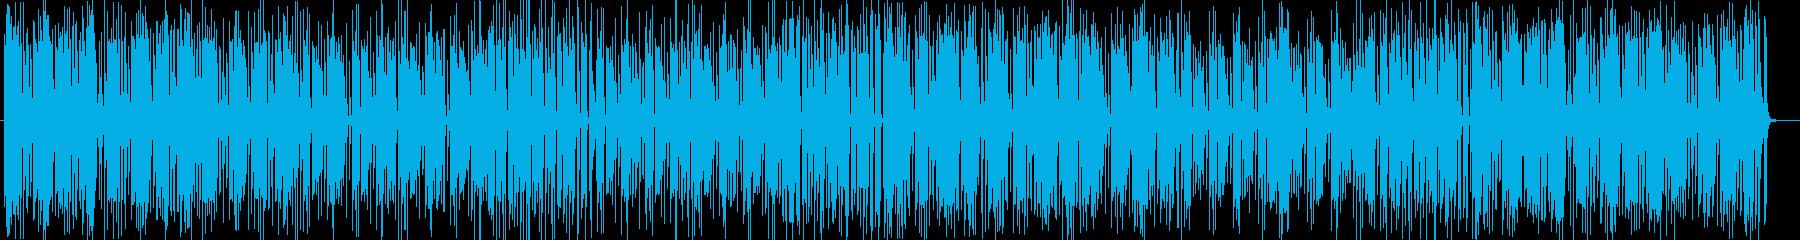 南国の陽気なシンセサイザーサウンドの再生済みの波形